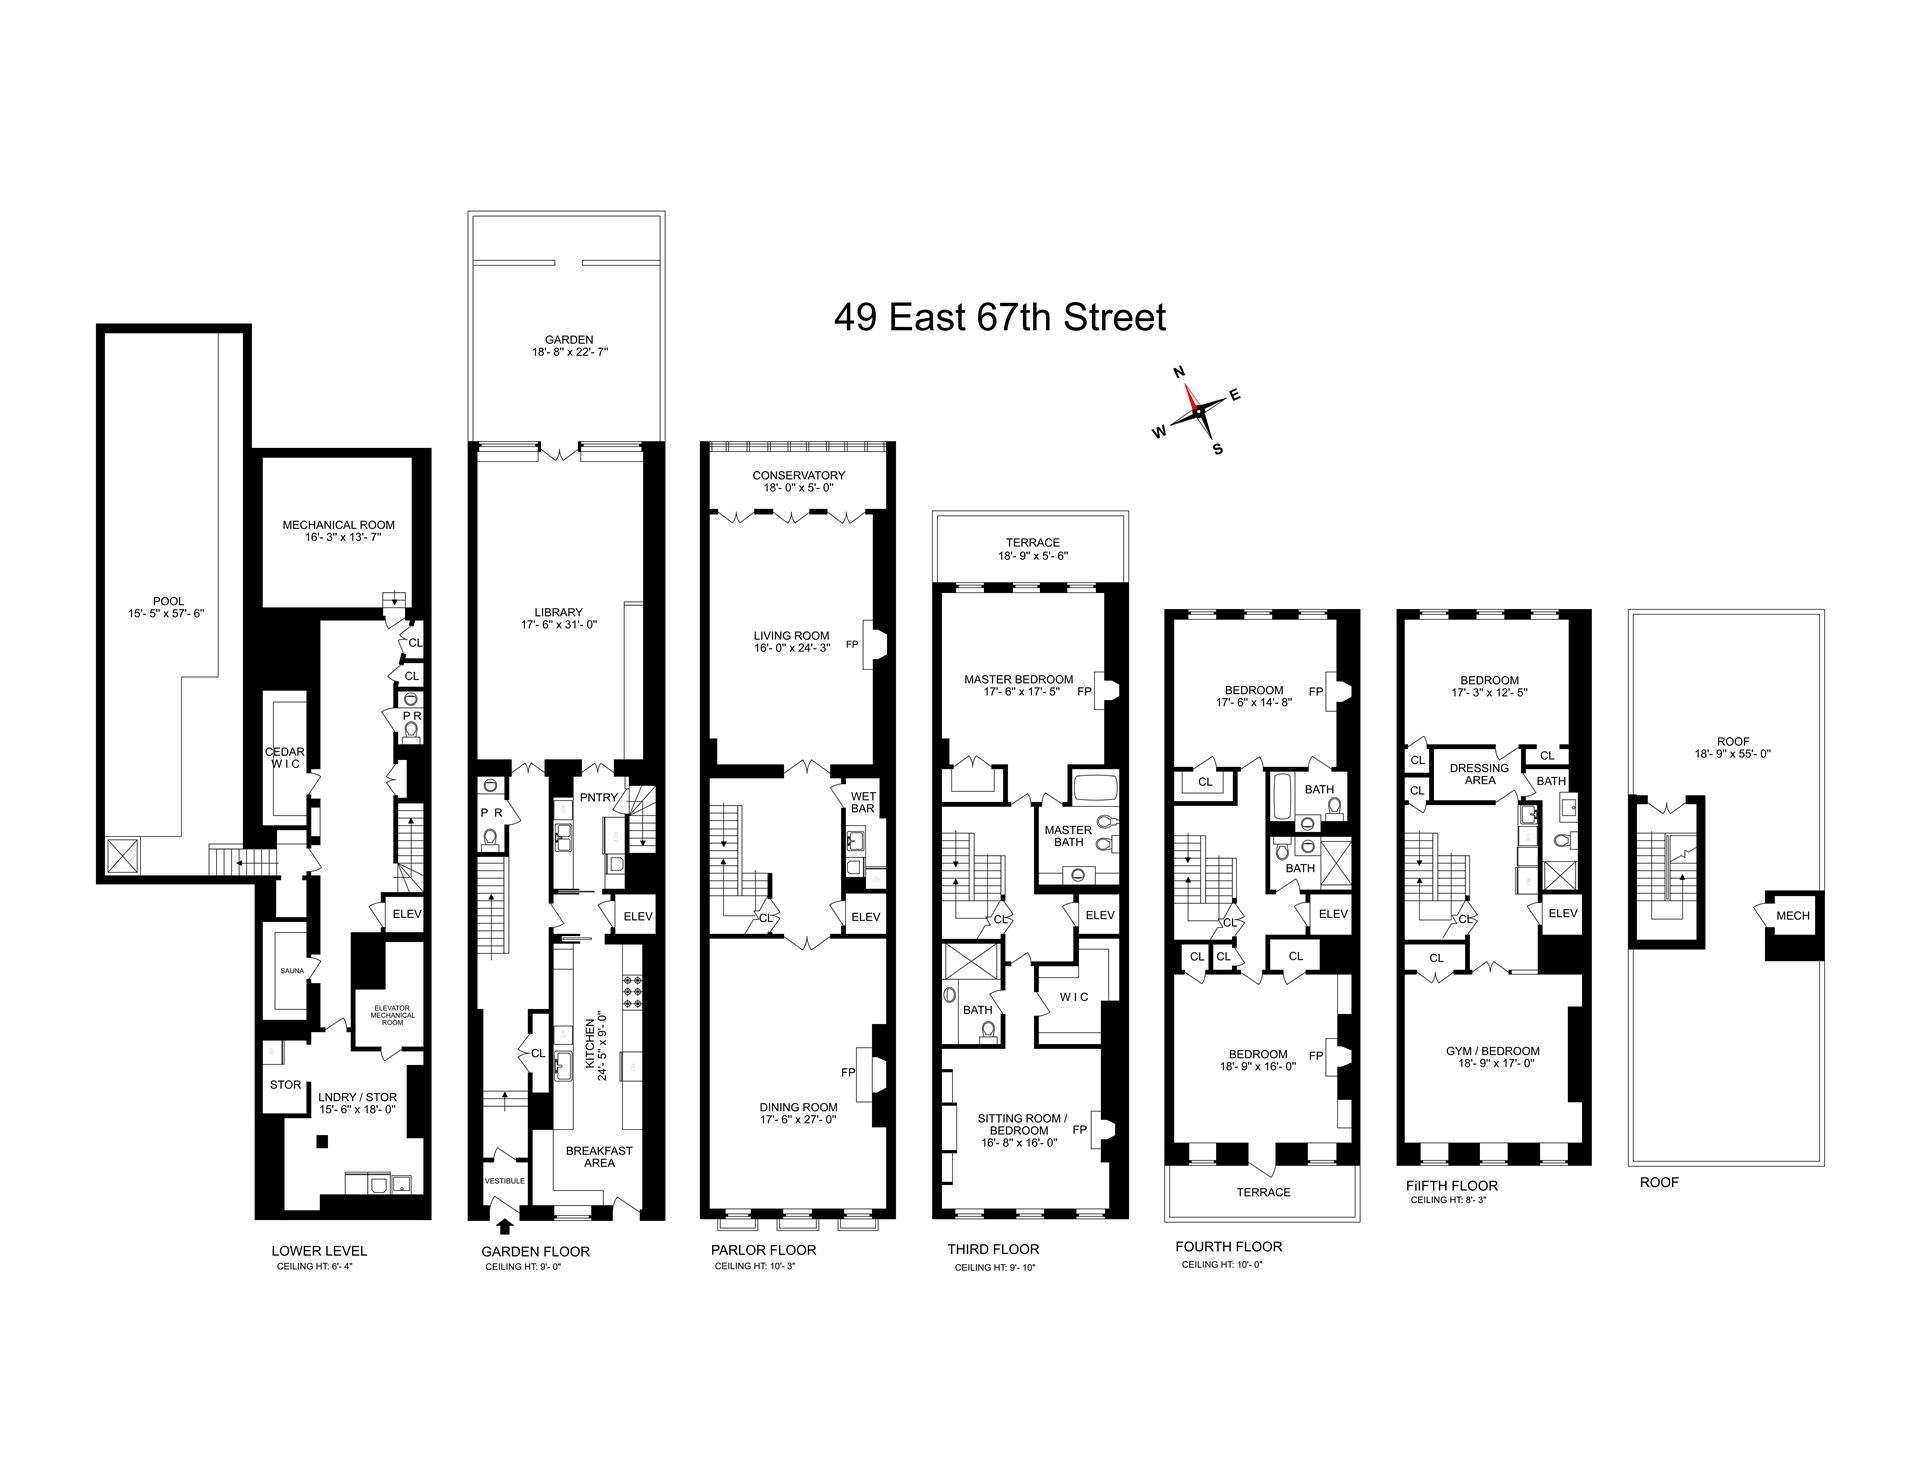 Floor plan of 49 East 67th St - Upper East Side, New York